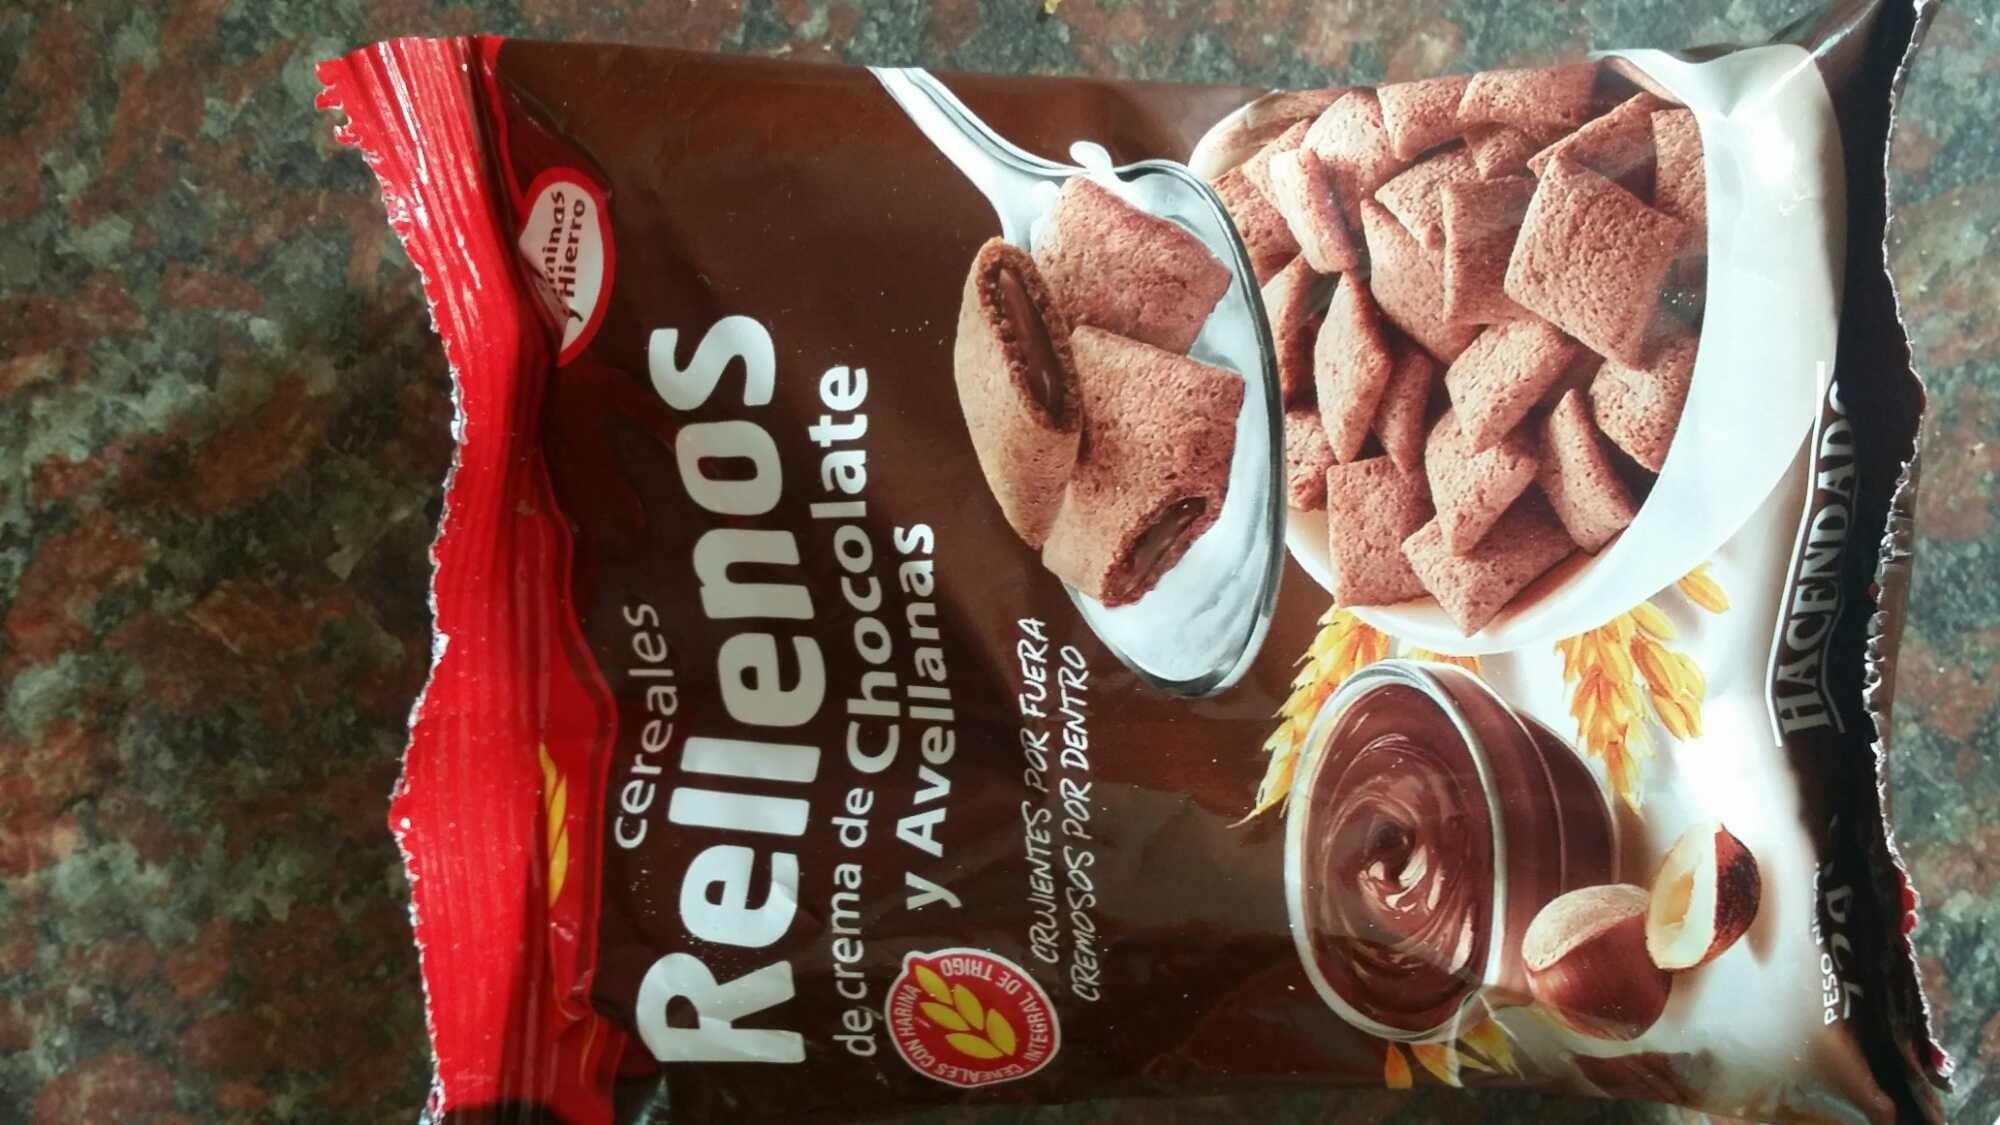 Cereales rellenos con crema de chocolate y avellanas - Producto